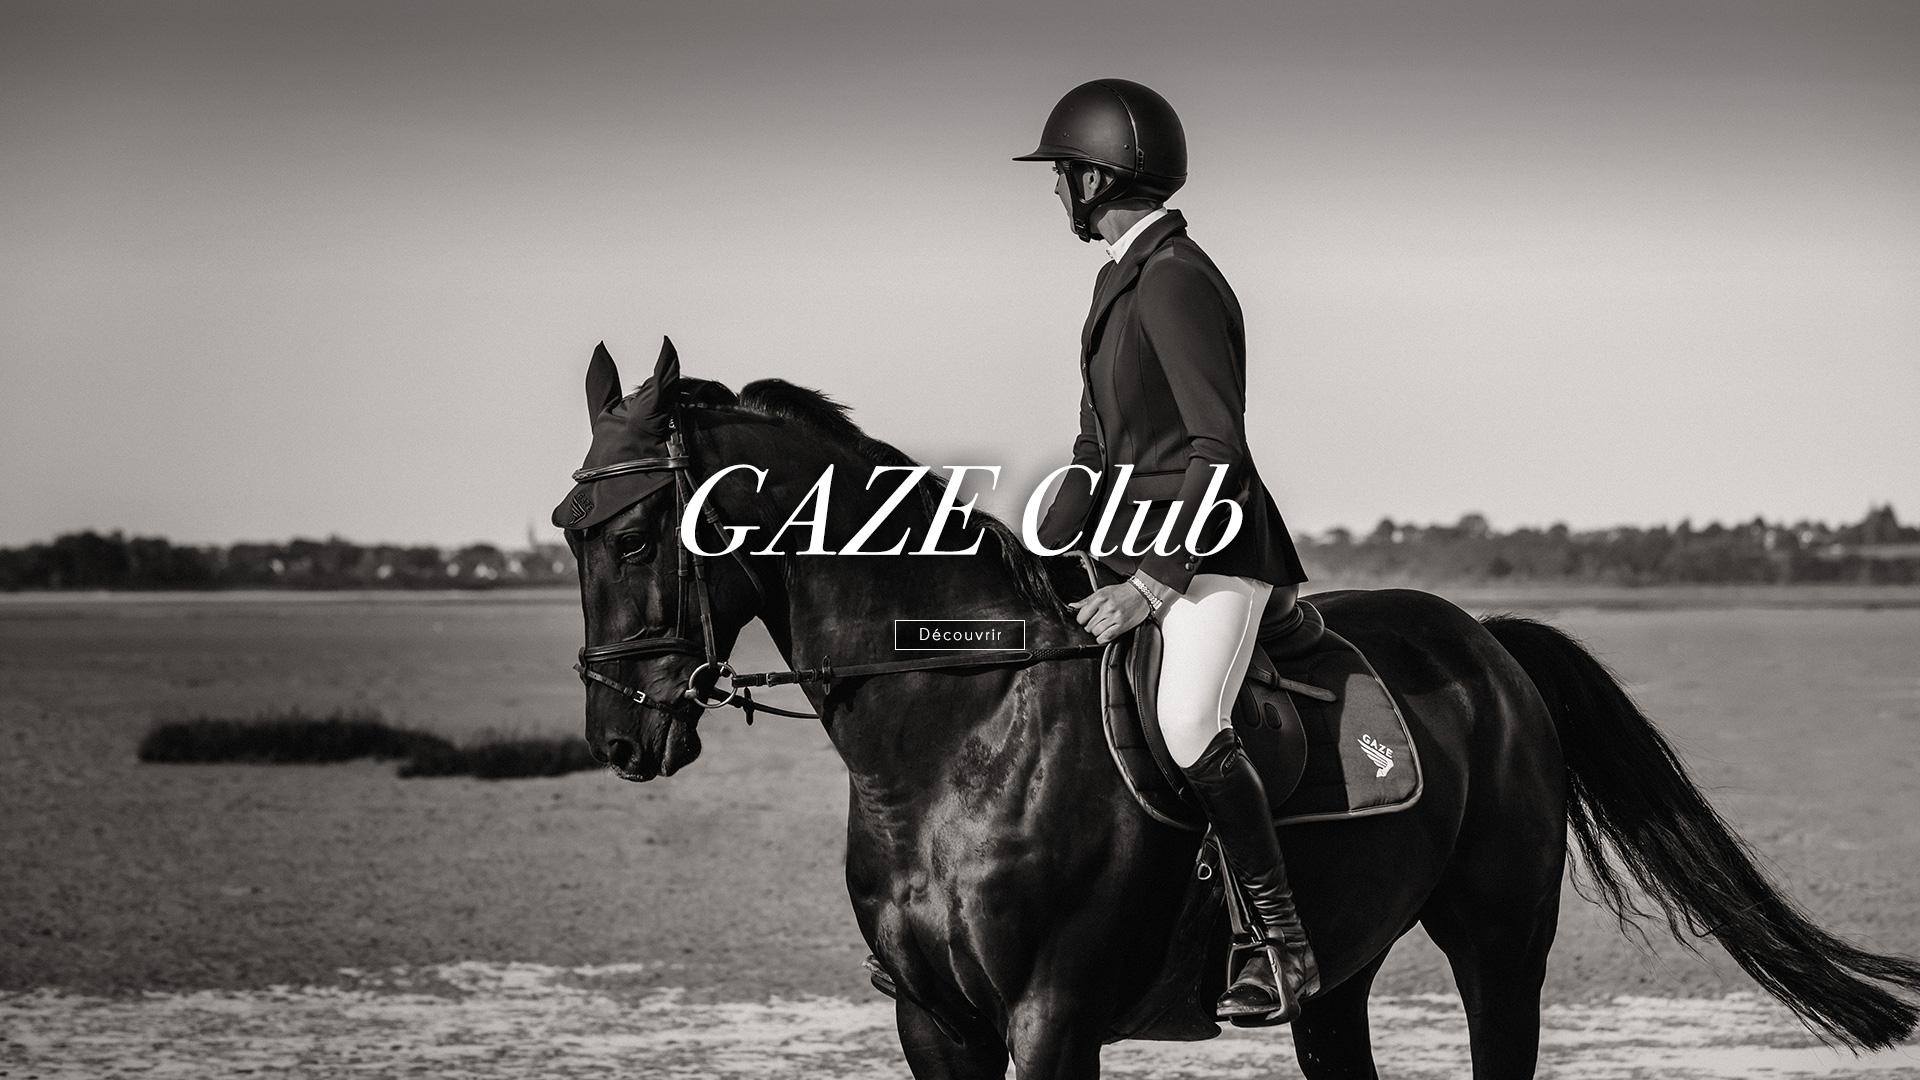 GAZE Club